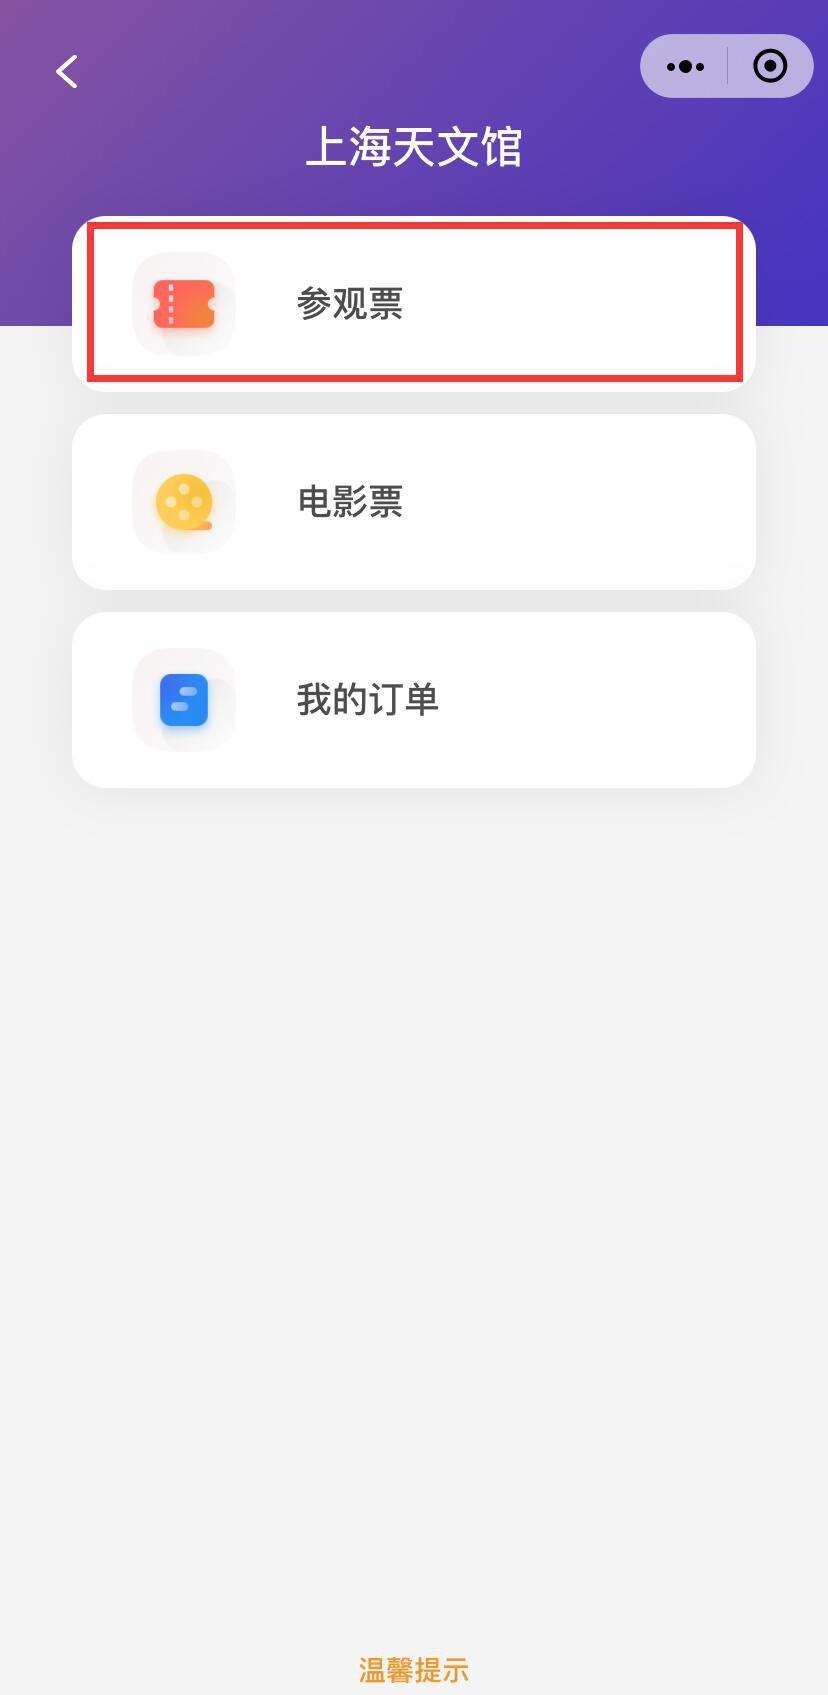 上海天文馆门票在哪儿预约(附入口)